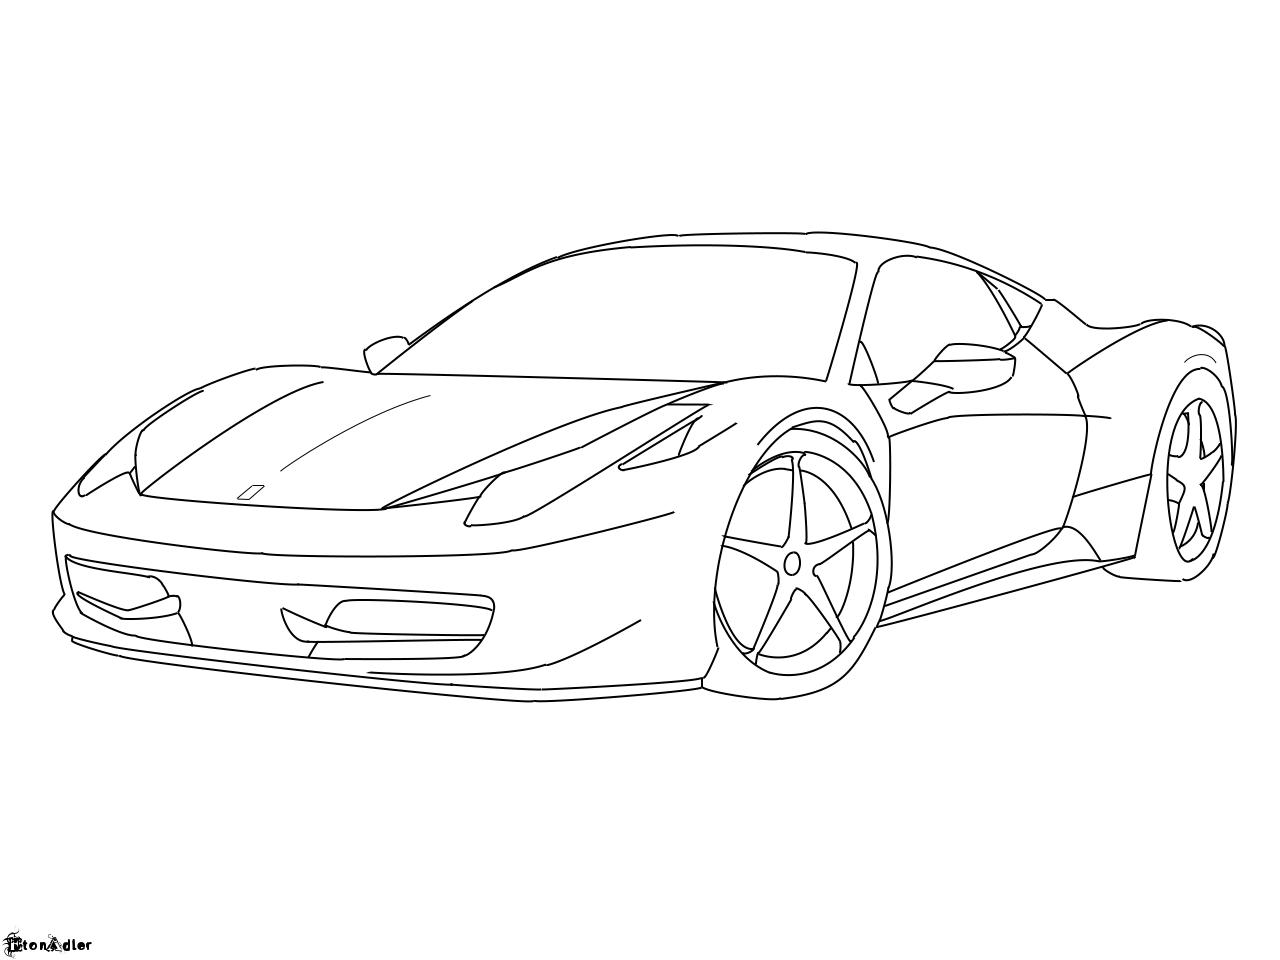 Ferrari 458 Italia Lineart By Etonadler On Deviantart